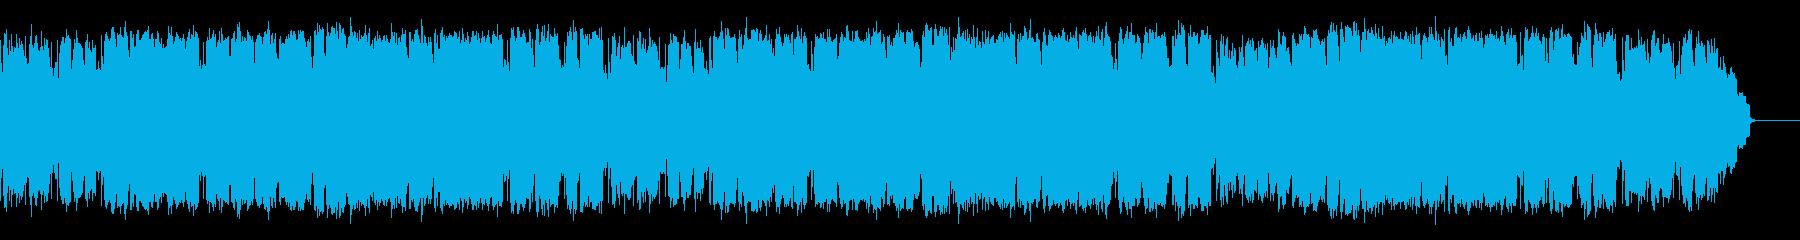 ドラマチックジャズバラードをSAXが演奏の再生済みの波形